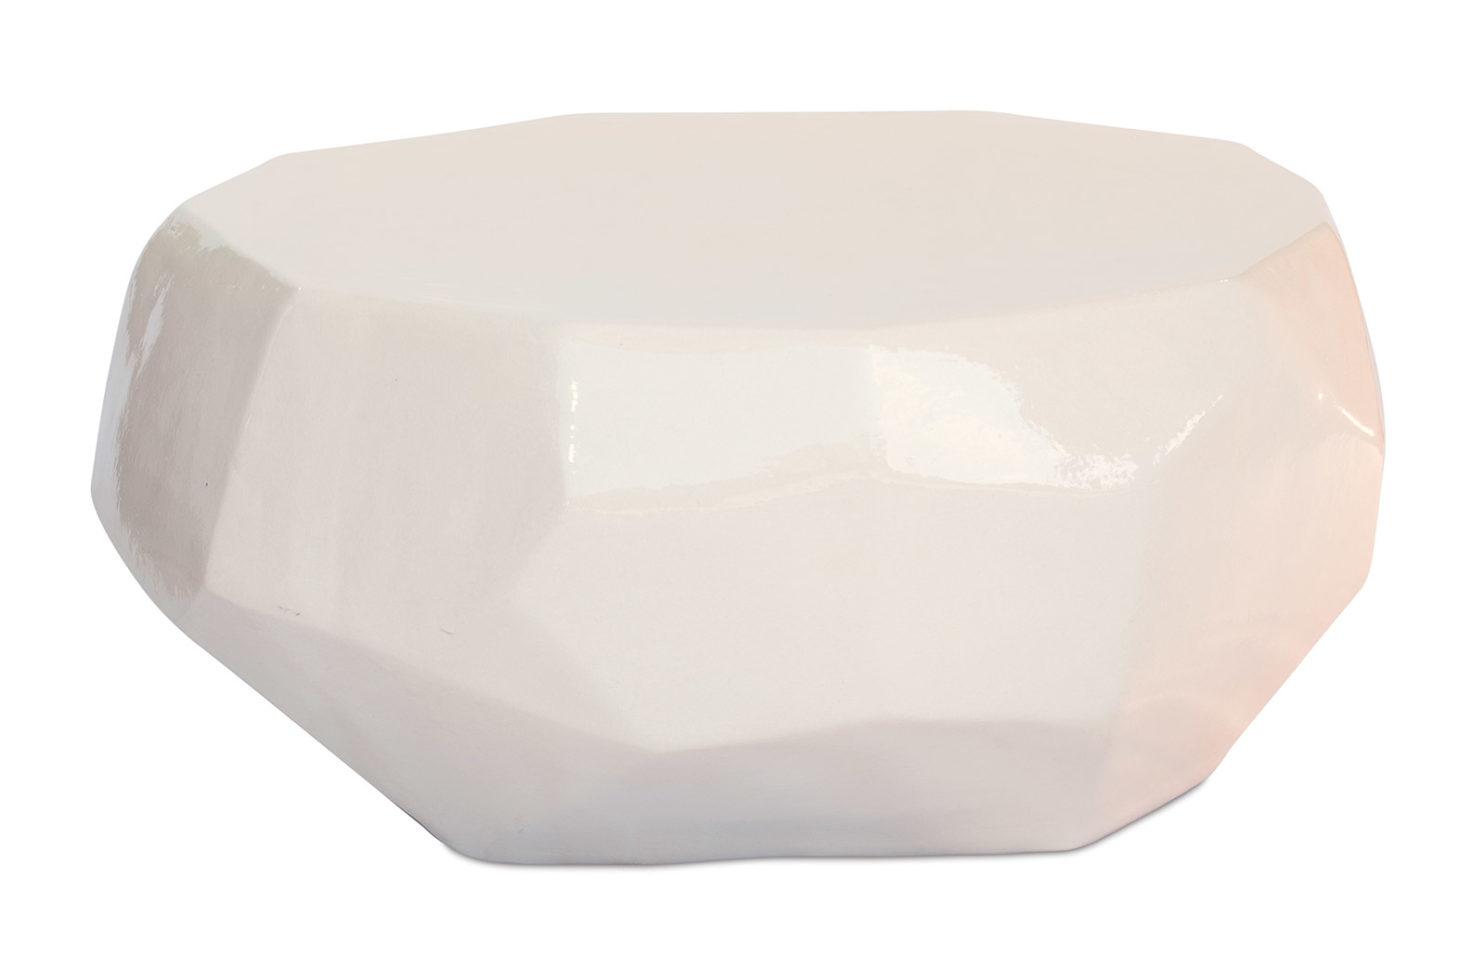 Ceramic Geo Table 308FT358P2W